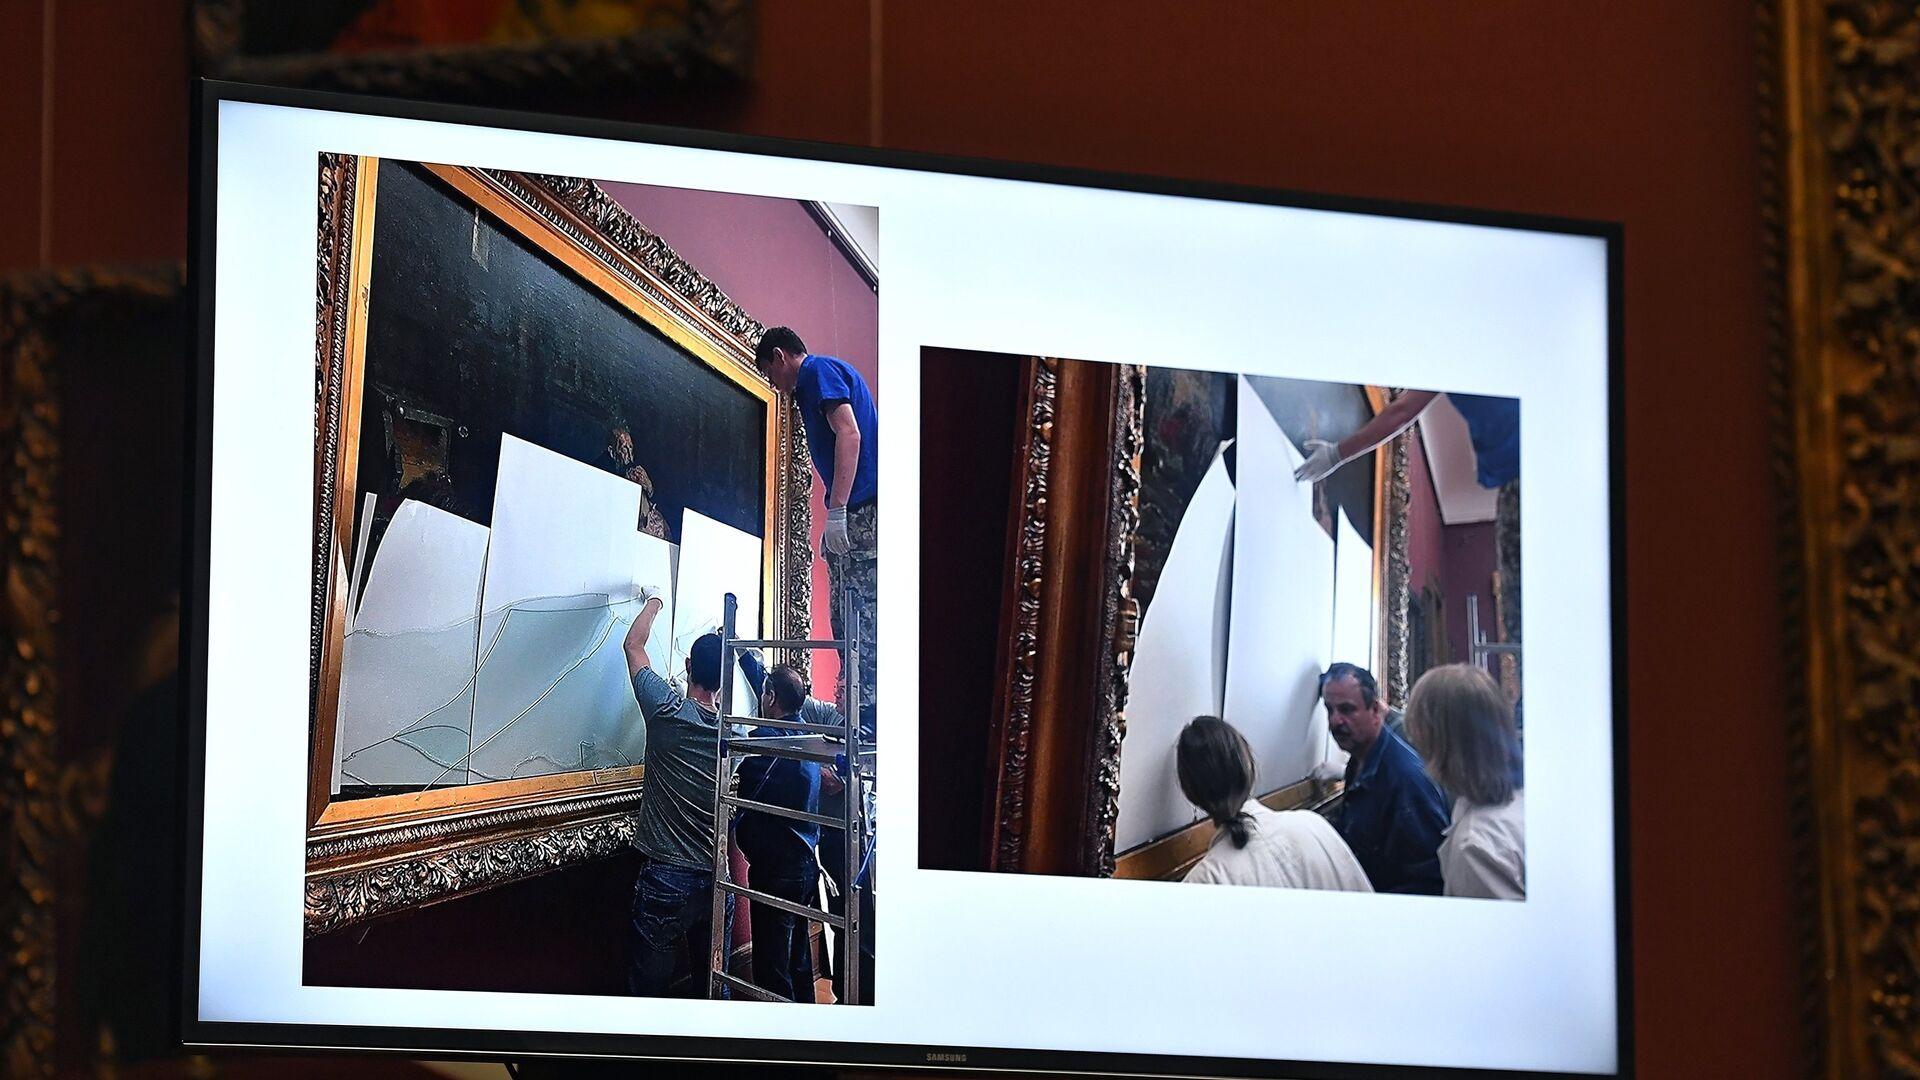 Брифинг по поводу повреждения картины И. Репина в Третьяковской галерее - РИА Новости, 1920, 27.03.2021